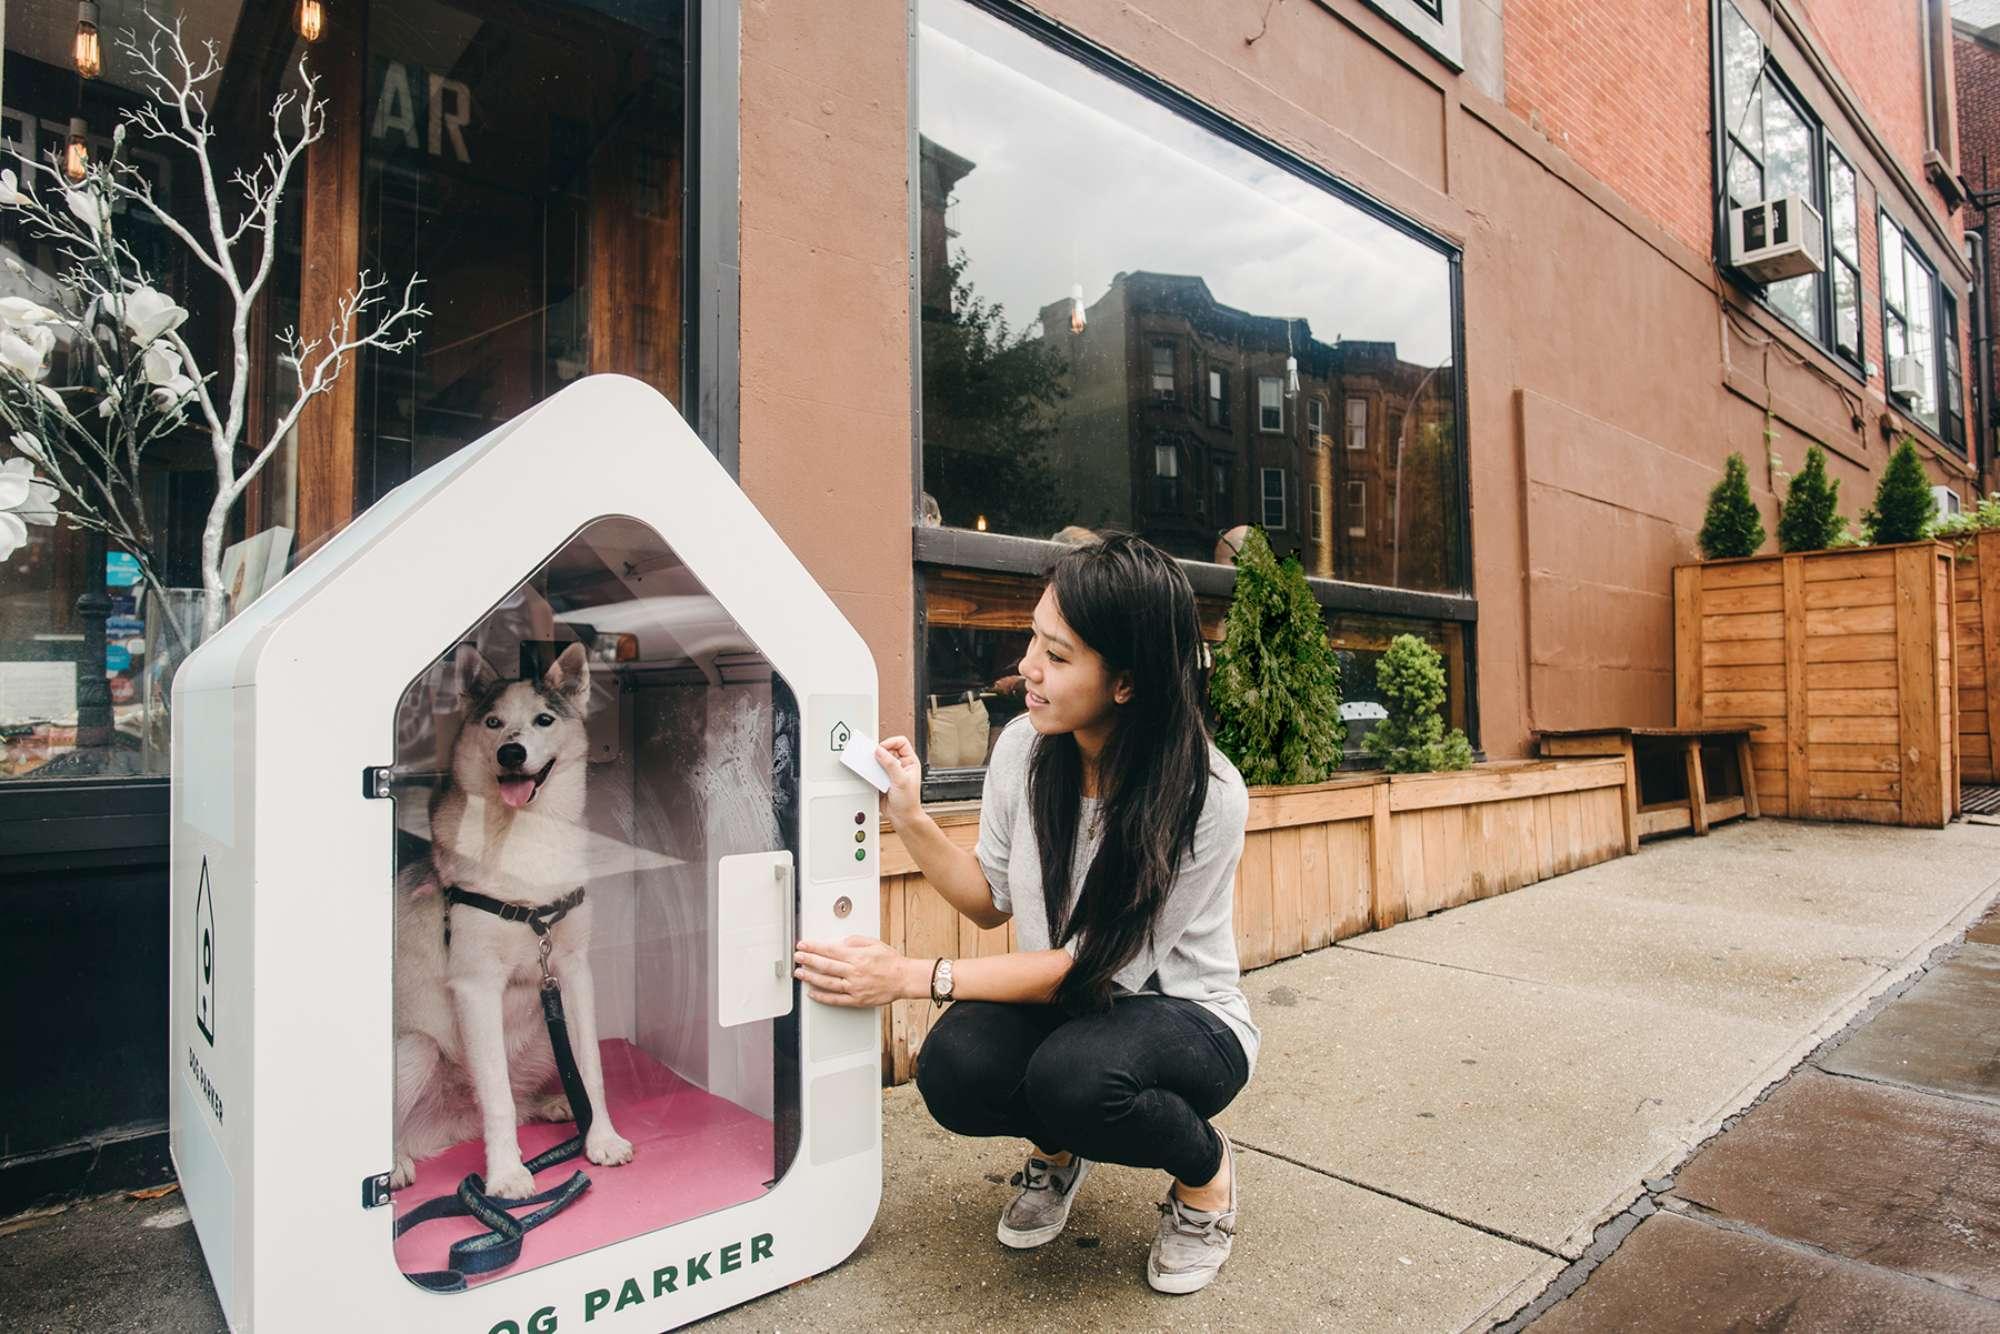 Ecco Dog Parker, la cuccia super tech dove  parcheggiare  il cane mentre si fa shopping